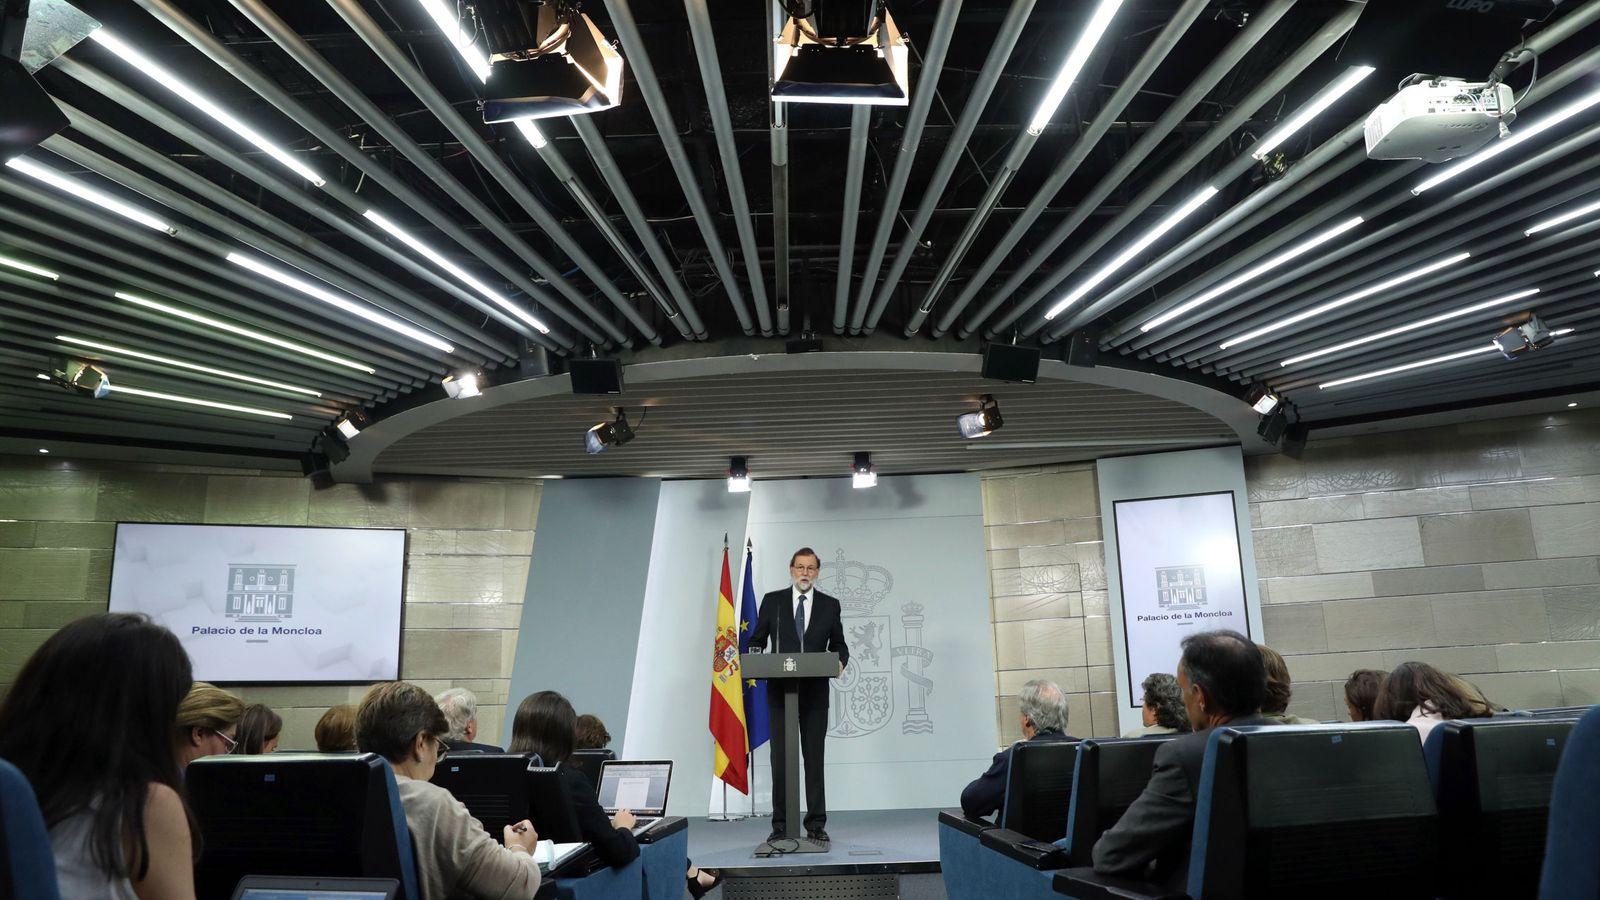 Foto: El presidente del Gobierno, Mariano Rajoy, durante la declaración institucional para valorar la jornada vivida en Cataluña. (EFE)